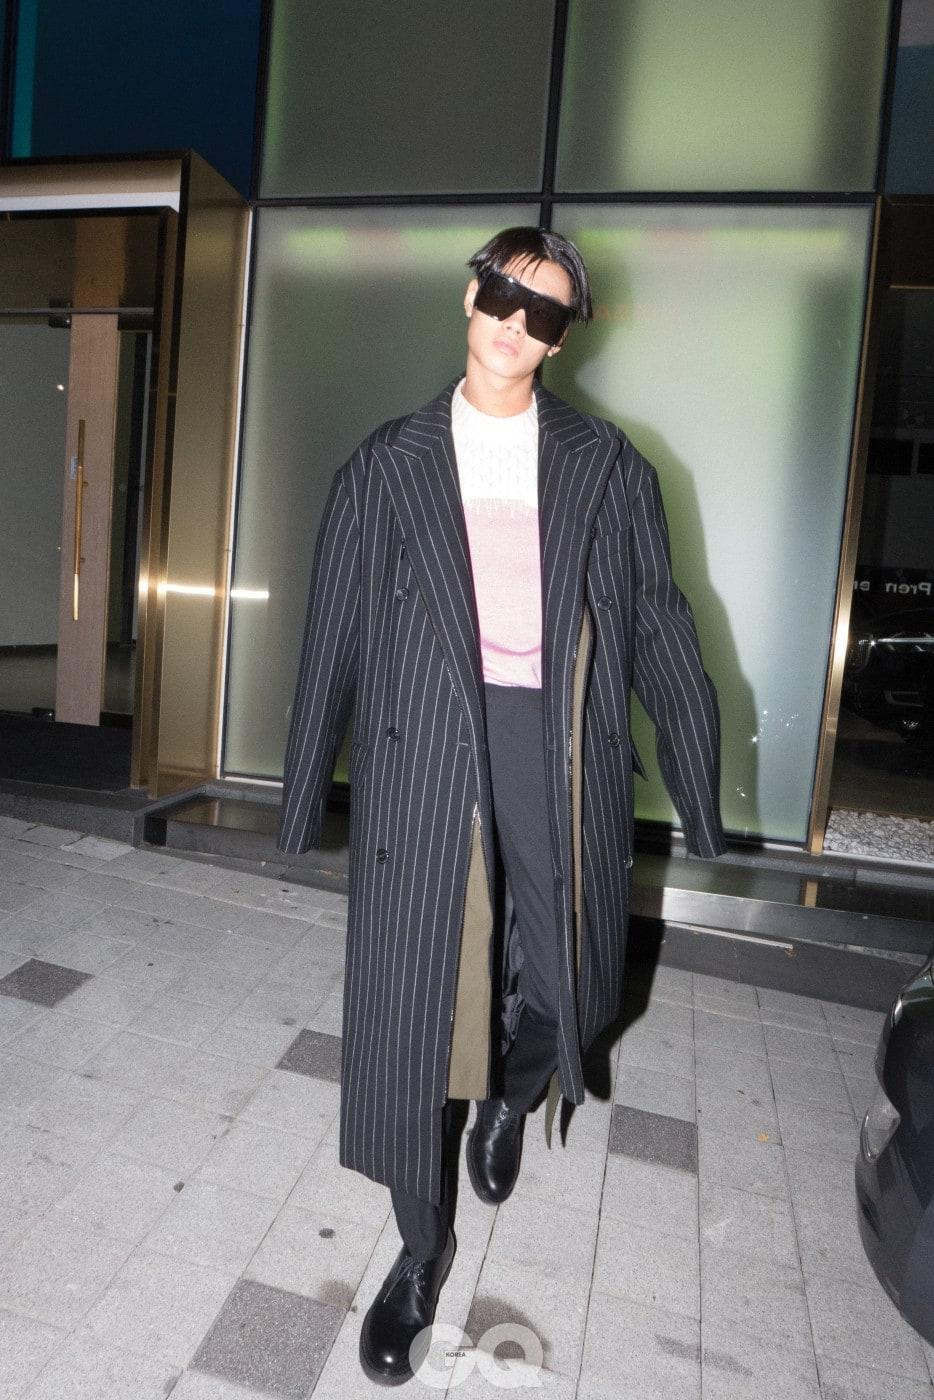 줄무늬 코트 1백99만원, 준지. 핑크색 니트 가격 미정, 사카이. 블랙 팬츠와 선글라스, 더비 가격 미정, 모두 생 로랑 by 안토니 바카렐로.